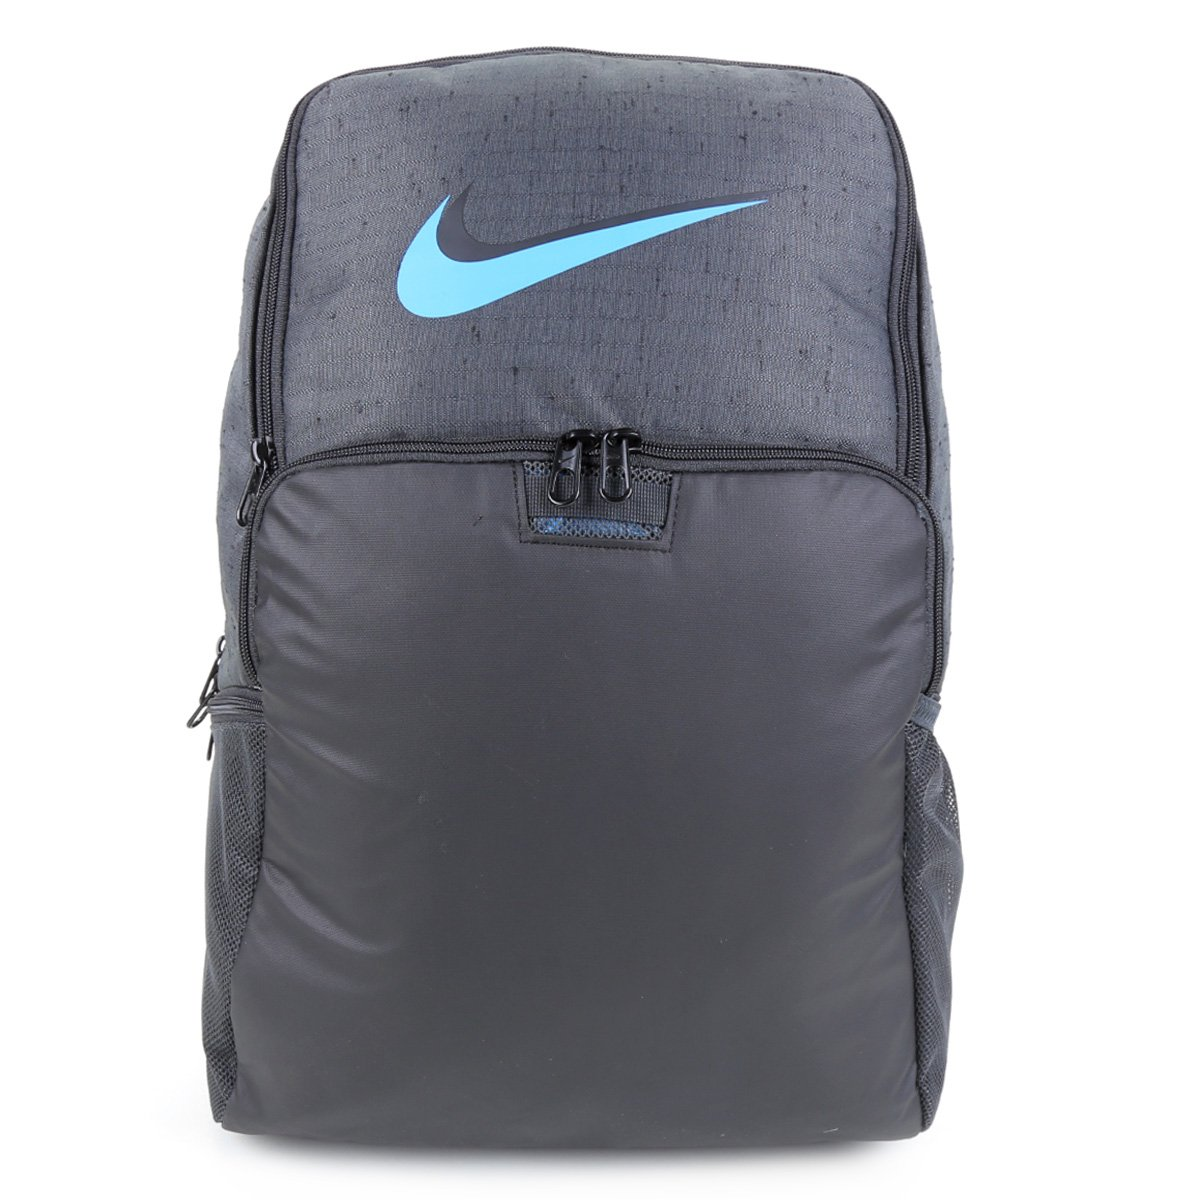 Mochila Nike Brasília XL 9.0 Mtrl Slub